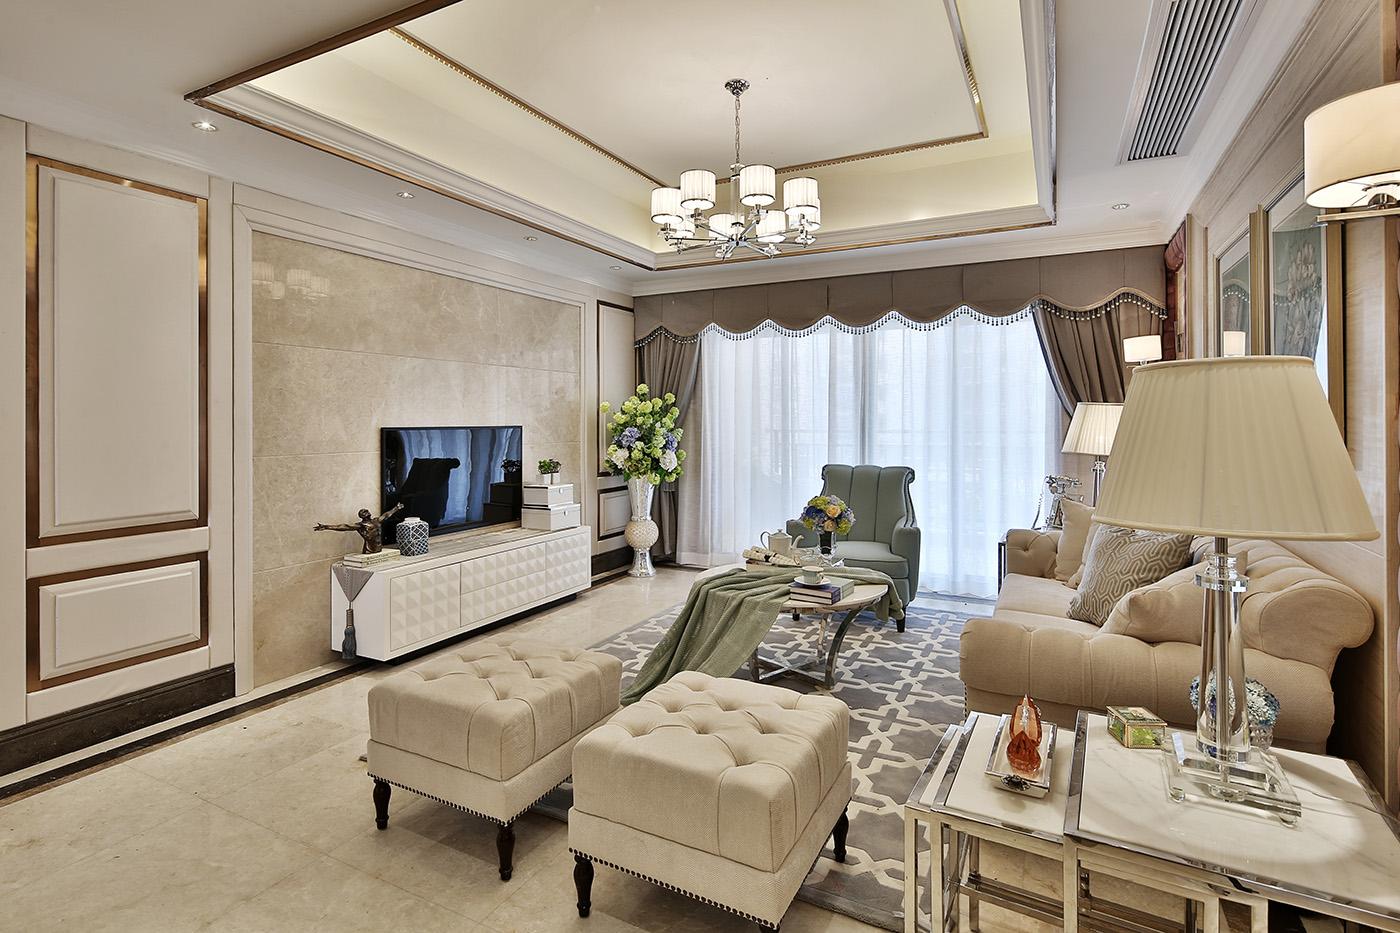 三居室简欧风格电视背景墙装修效果图